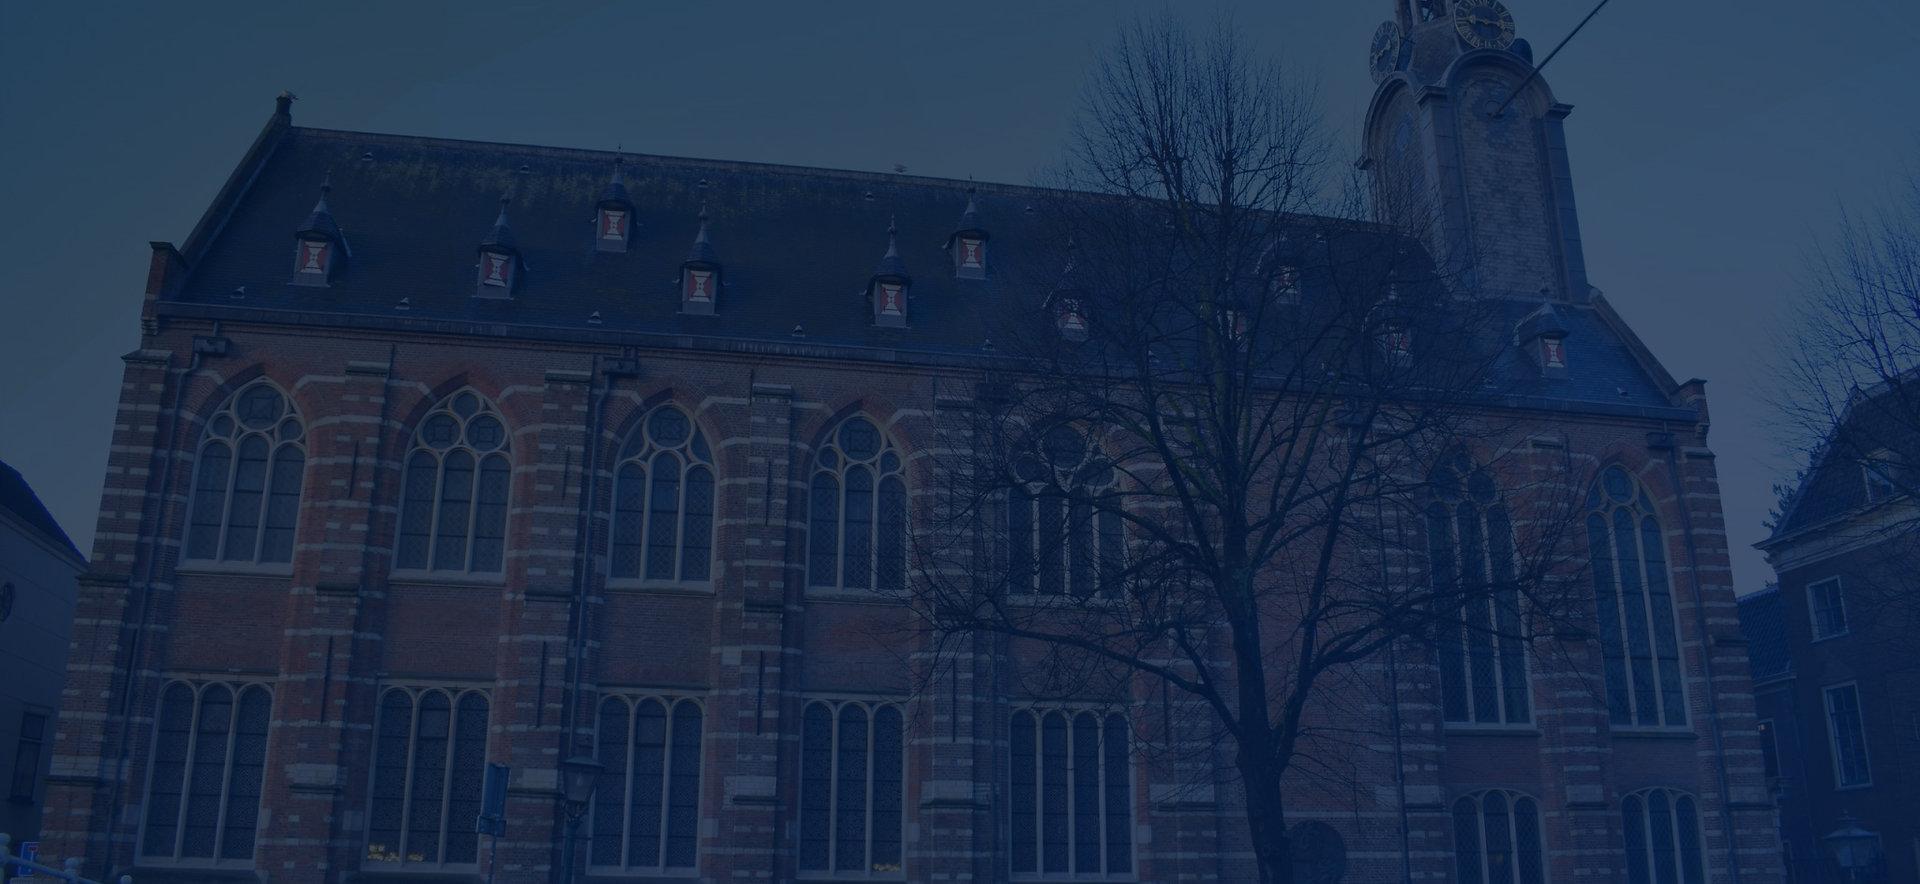 academiegebouw2.jpg